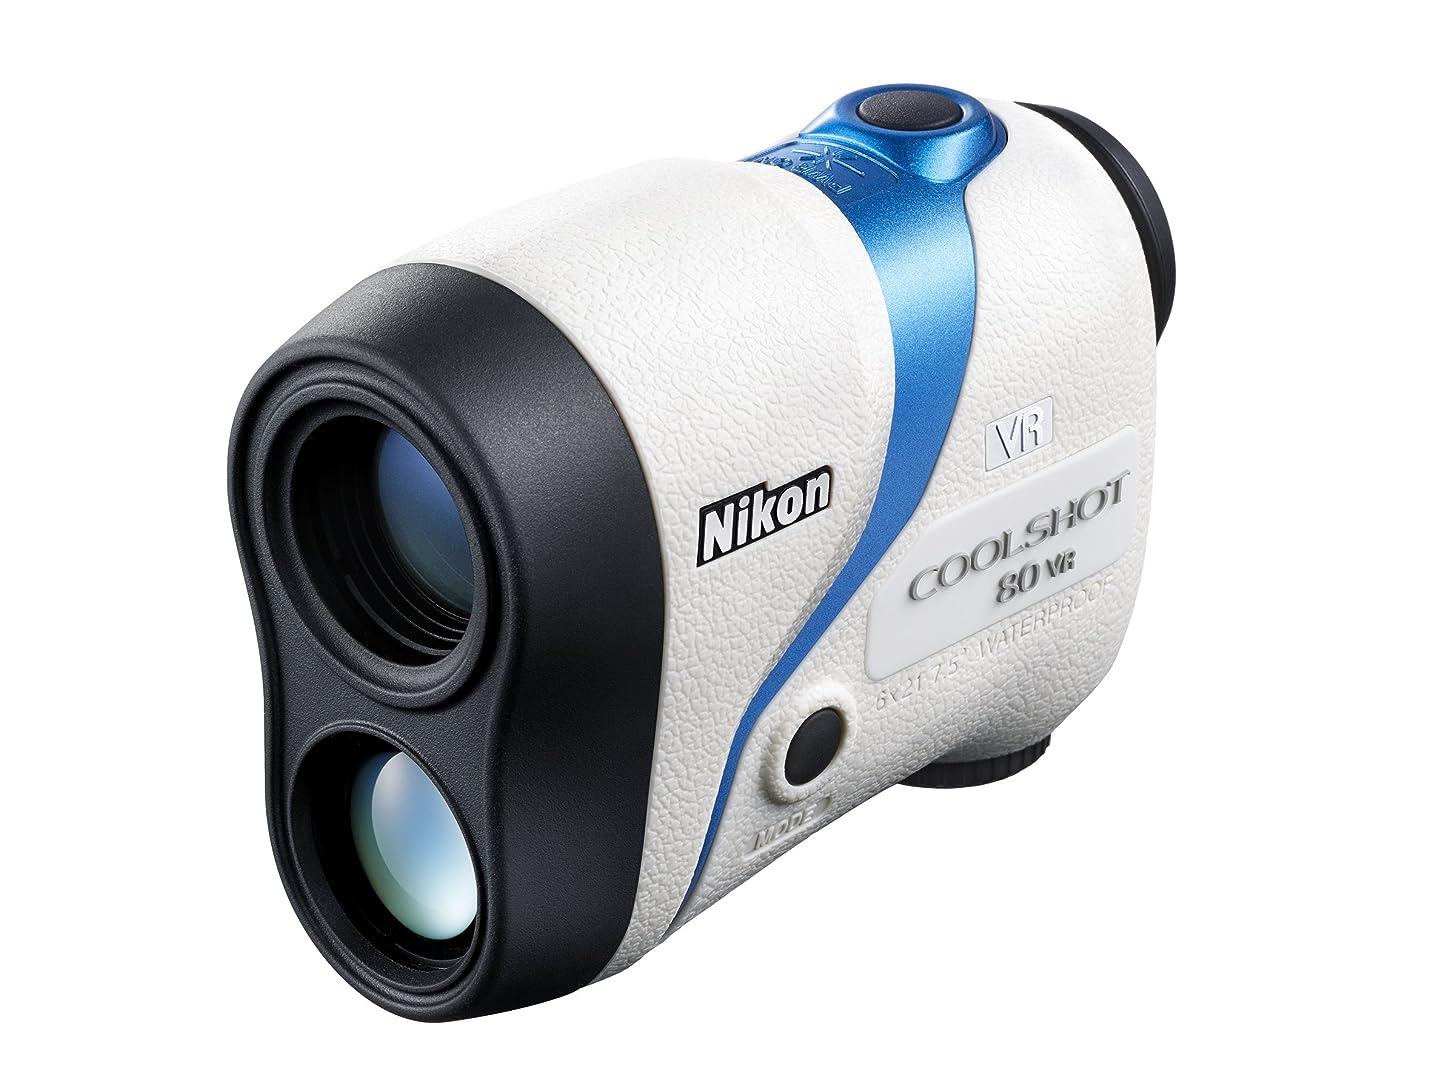 ひどくリーチElephantNum UNI-T 1200m 望遠鏡測距器 レーザー距離計(ゴルフ、狩猟、登山、アウトドア作業、建築工事などに適用されます;高さ、距離、水平距離、角度、速度計測;拡大倍率7X,軽量,1500mAh内蔵式電池 )